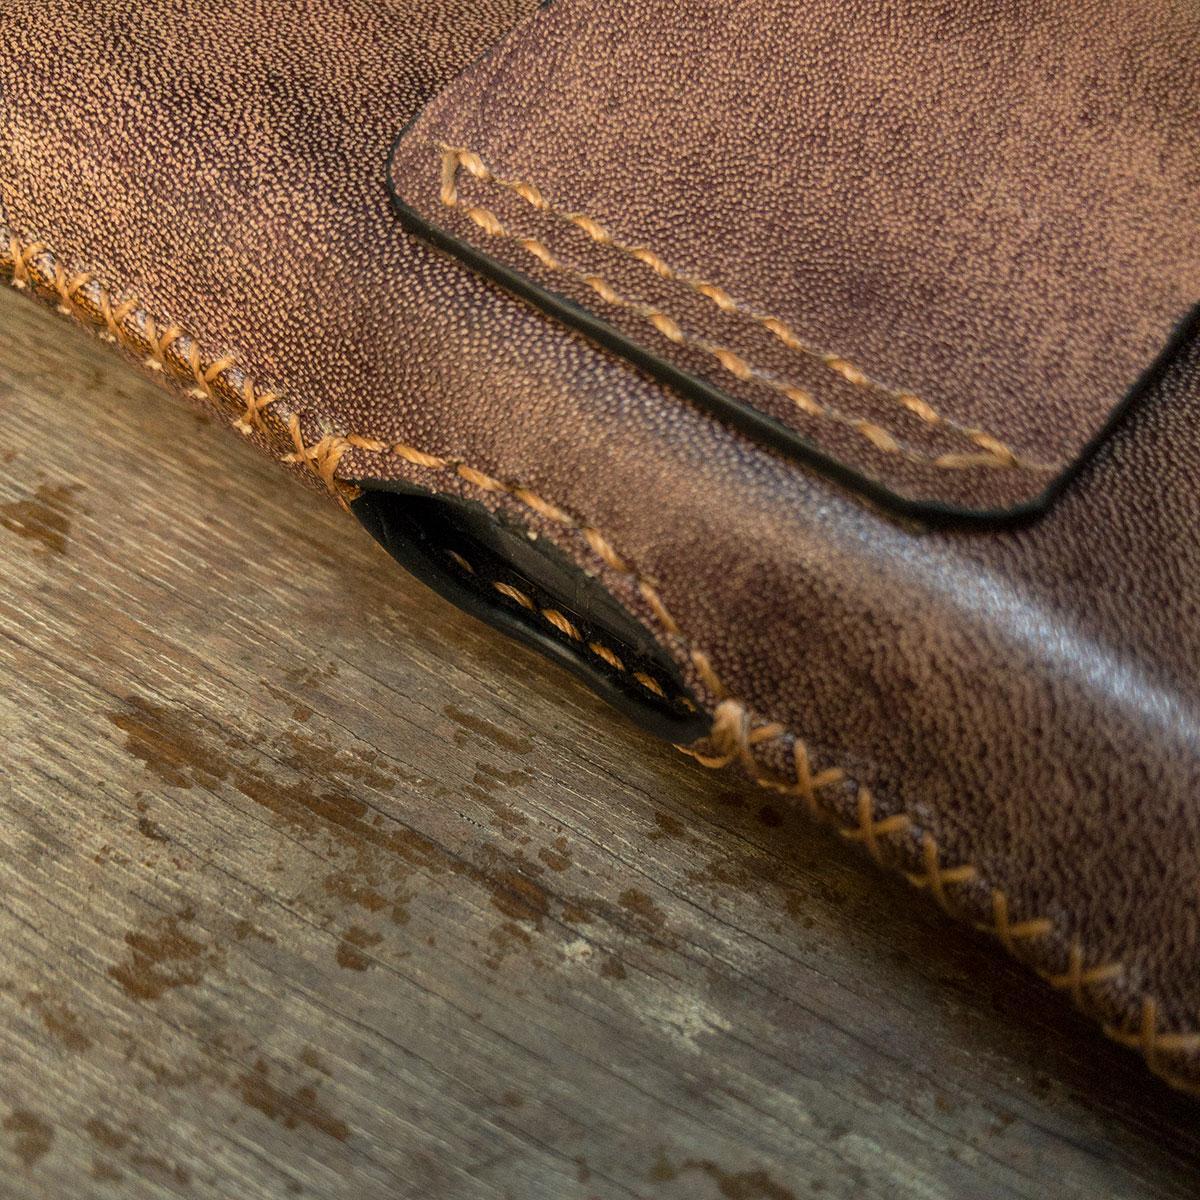 Bao Da đeo hông Nokia 8800 màu nâu kịch độc, Bao da thủ công Handmade làm từ da bò thật nhập khẩu - AS LEATHER - BDAS03